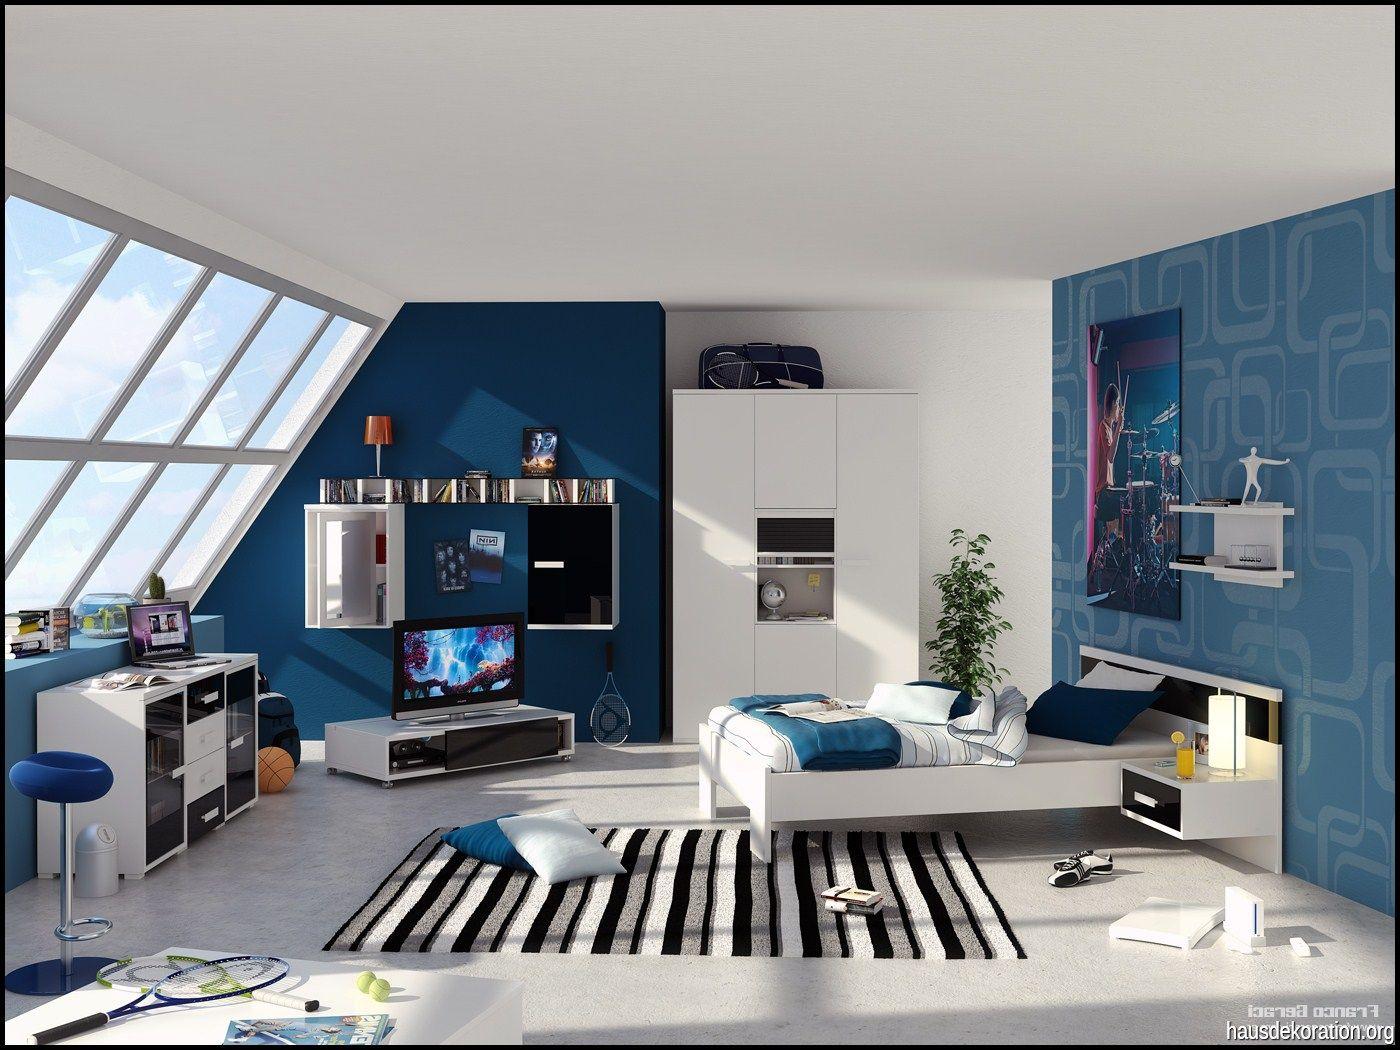 30cbf05d2894fd97769d32f36f884306 Inspirierend Teenager Schlafzimmer Designs Xzw1